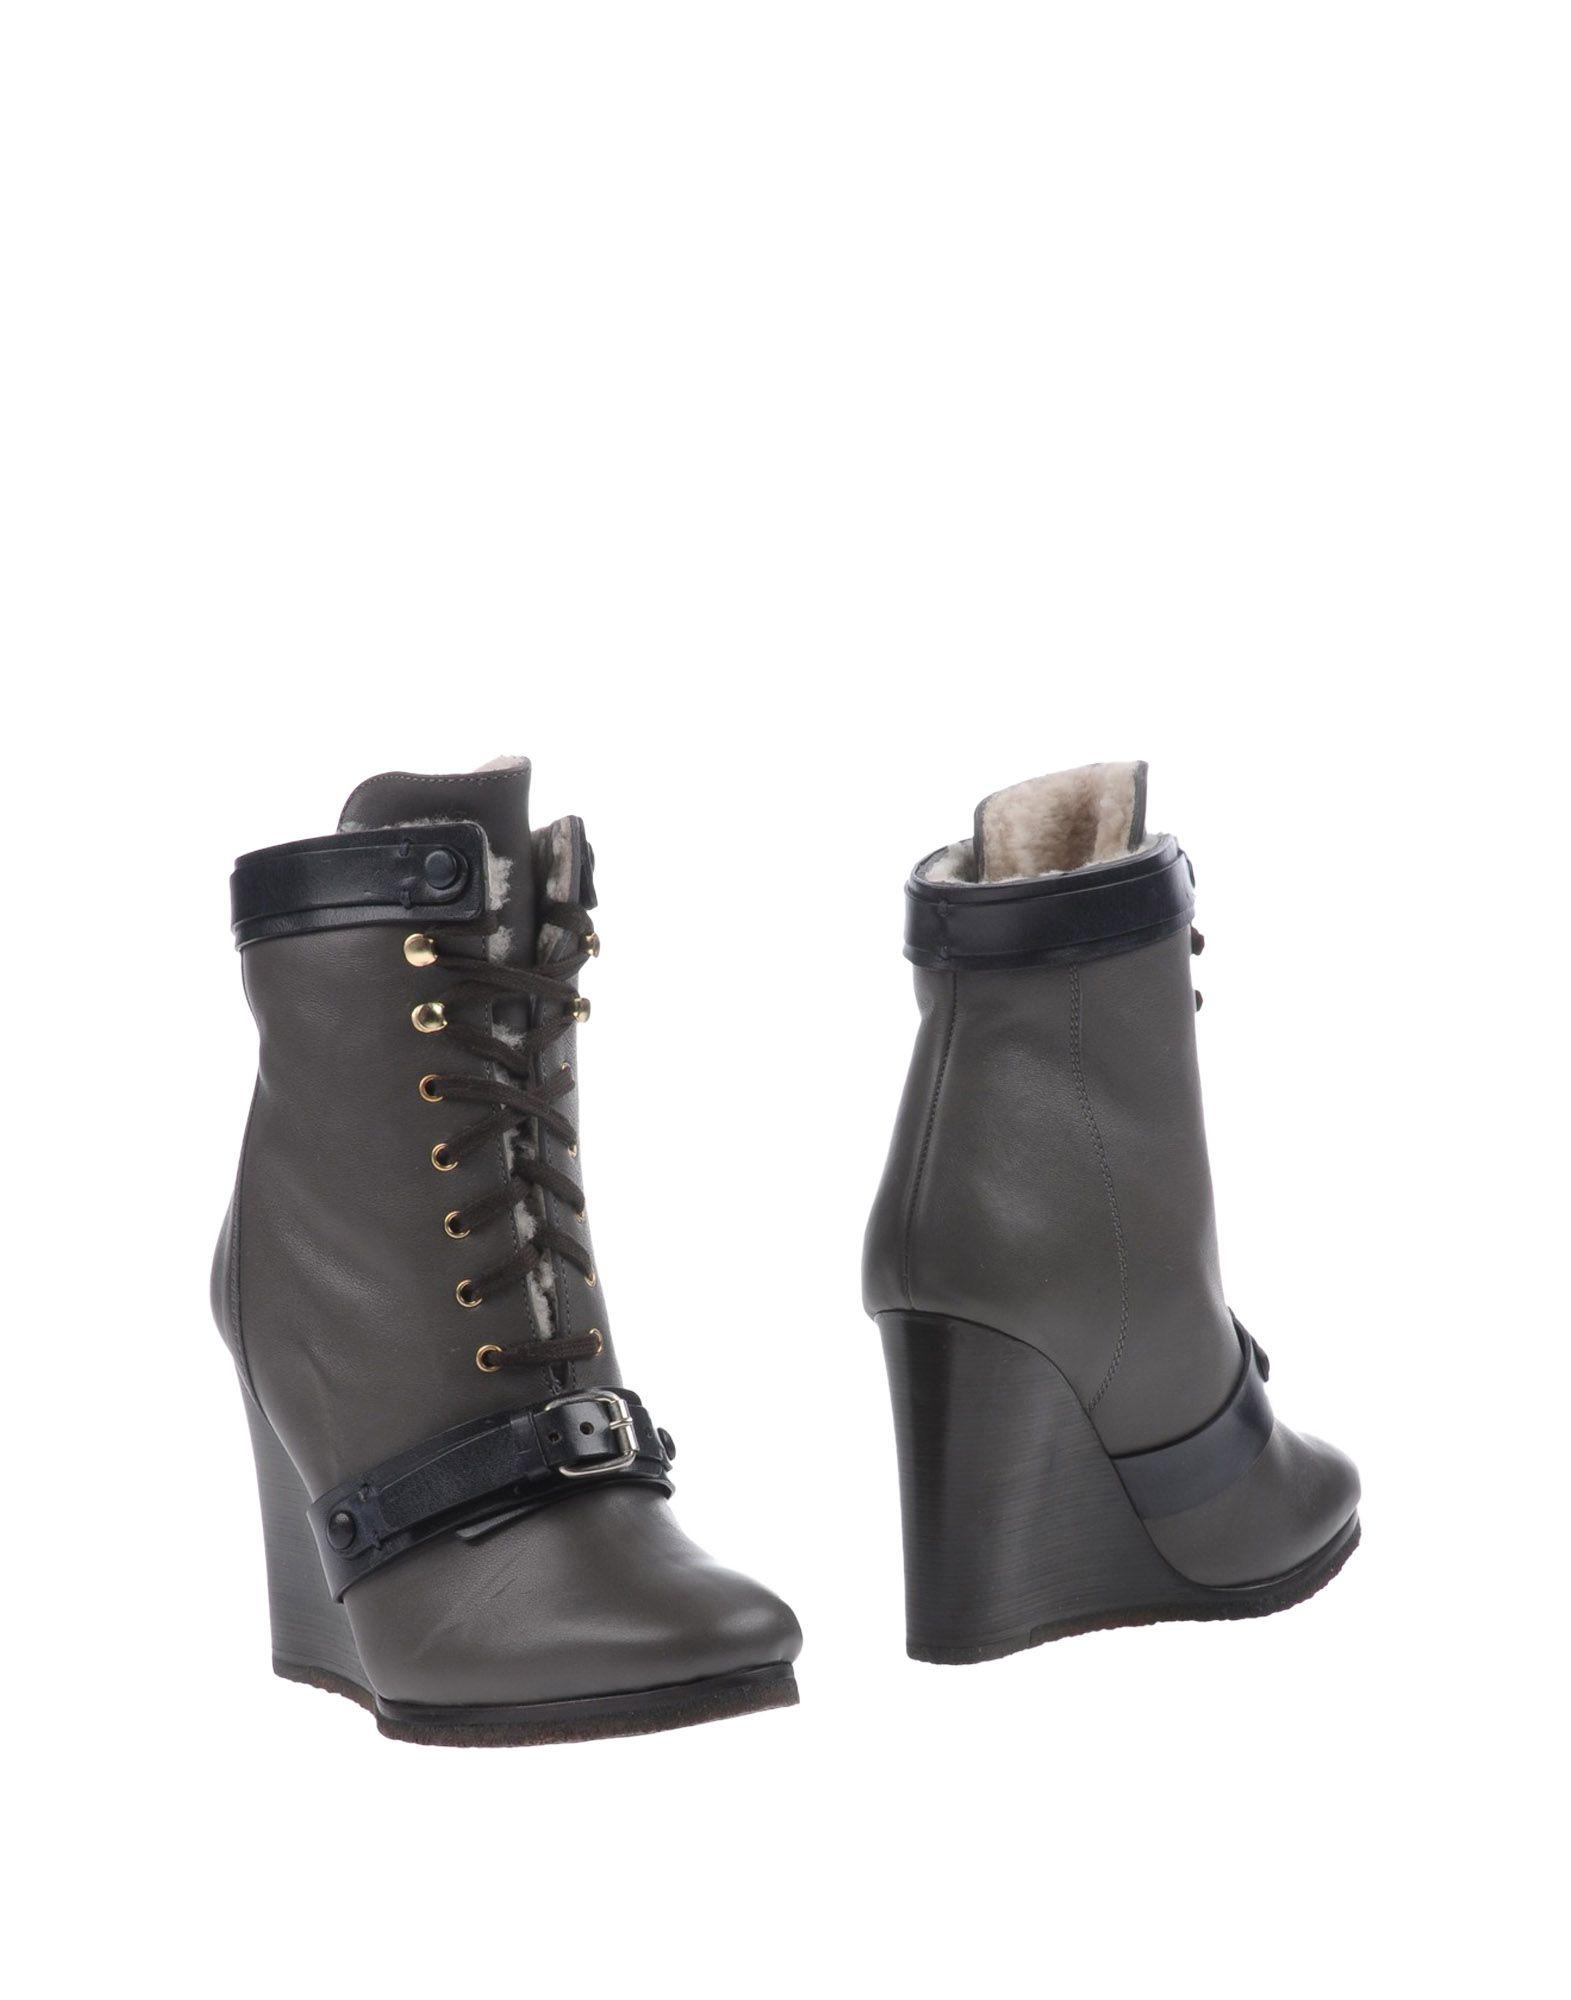 Bottine Chloé Femme - Bottines Chloé Plomb Chaussures femme pas cher homme et femme